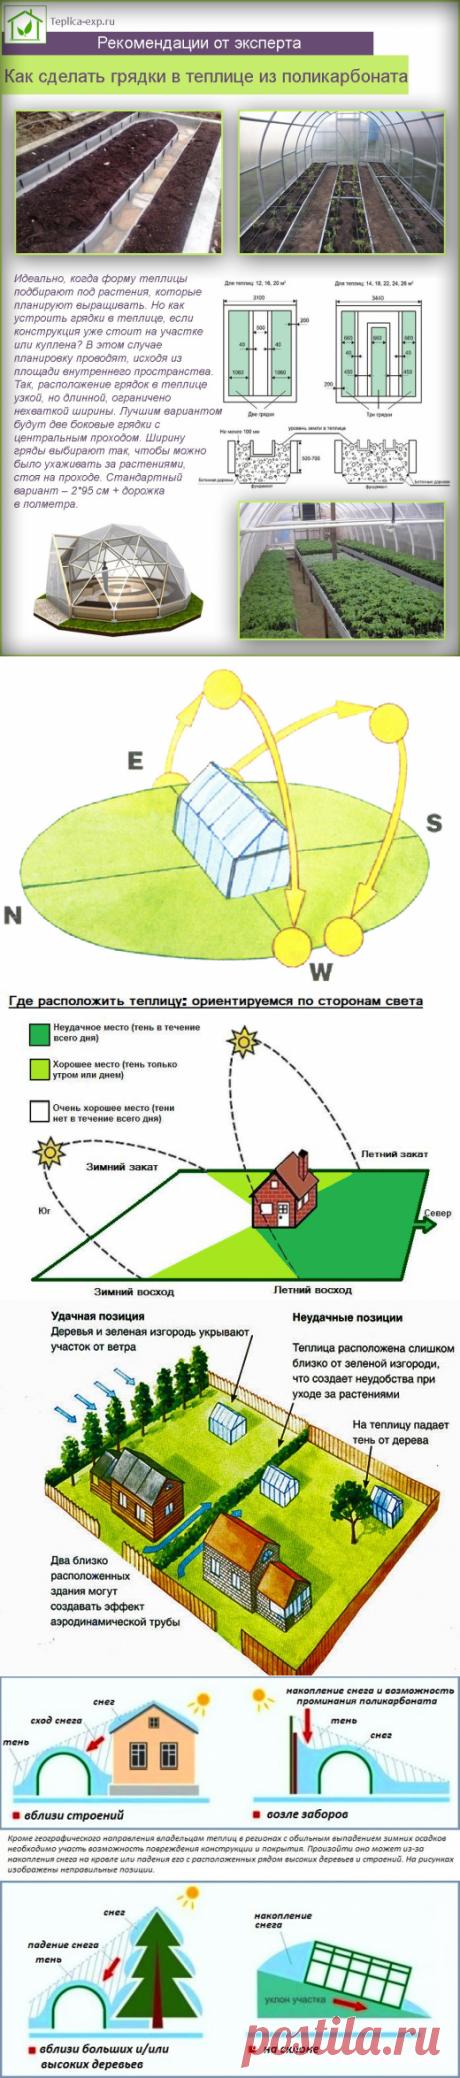 Как сделать грядки в теплице из поликарбоната - лучшие варианты, инструкции!